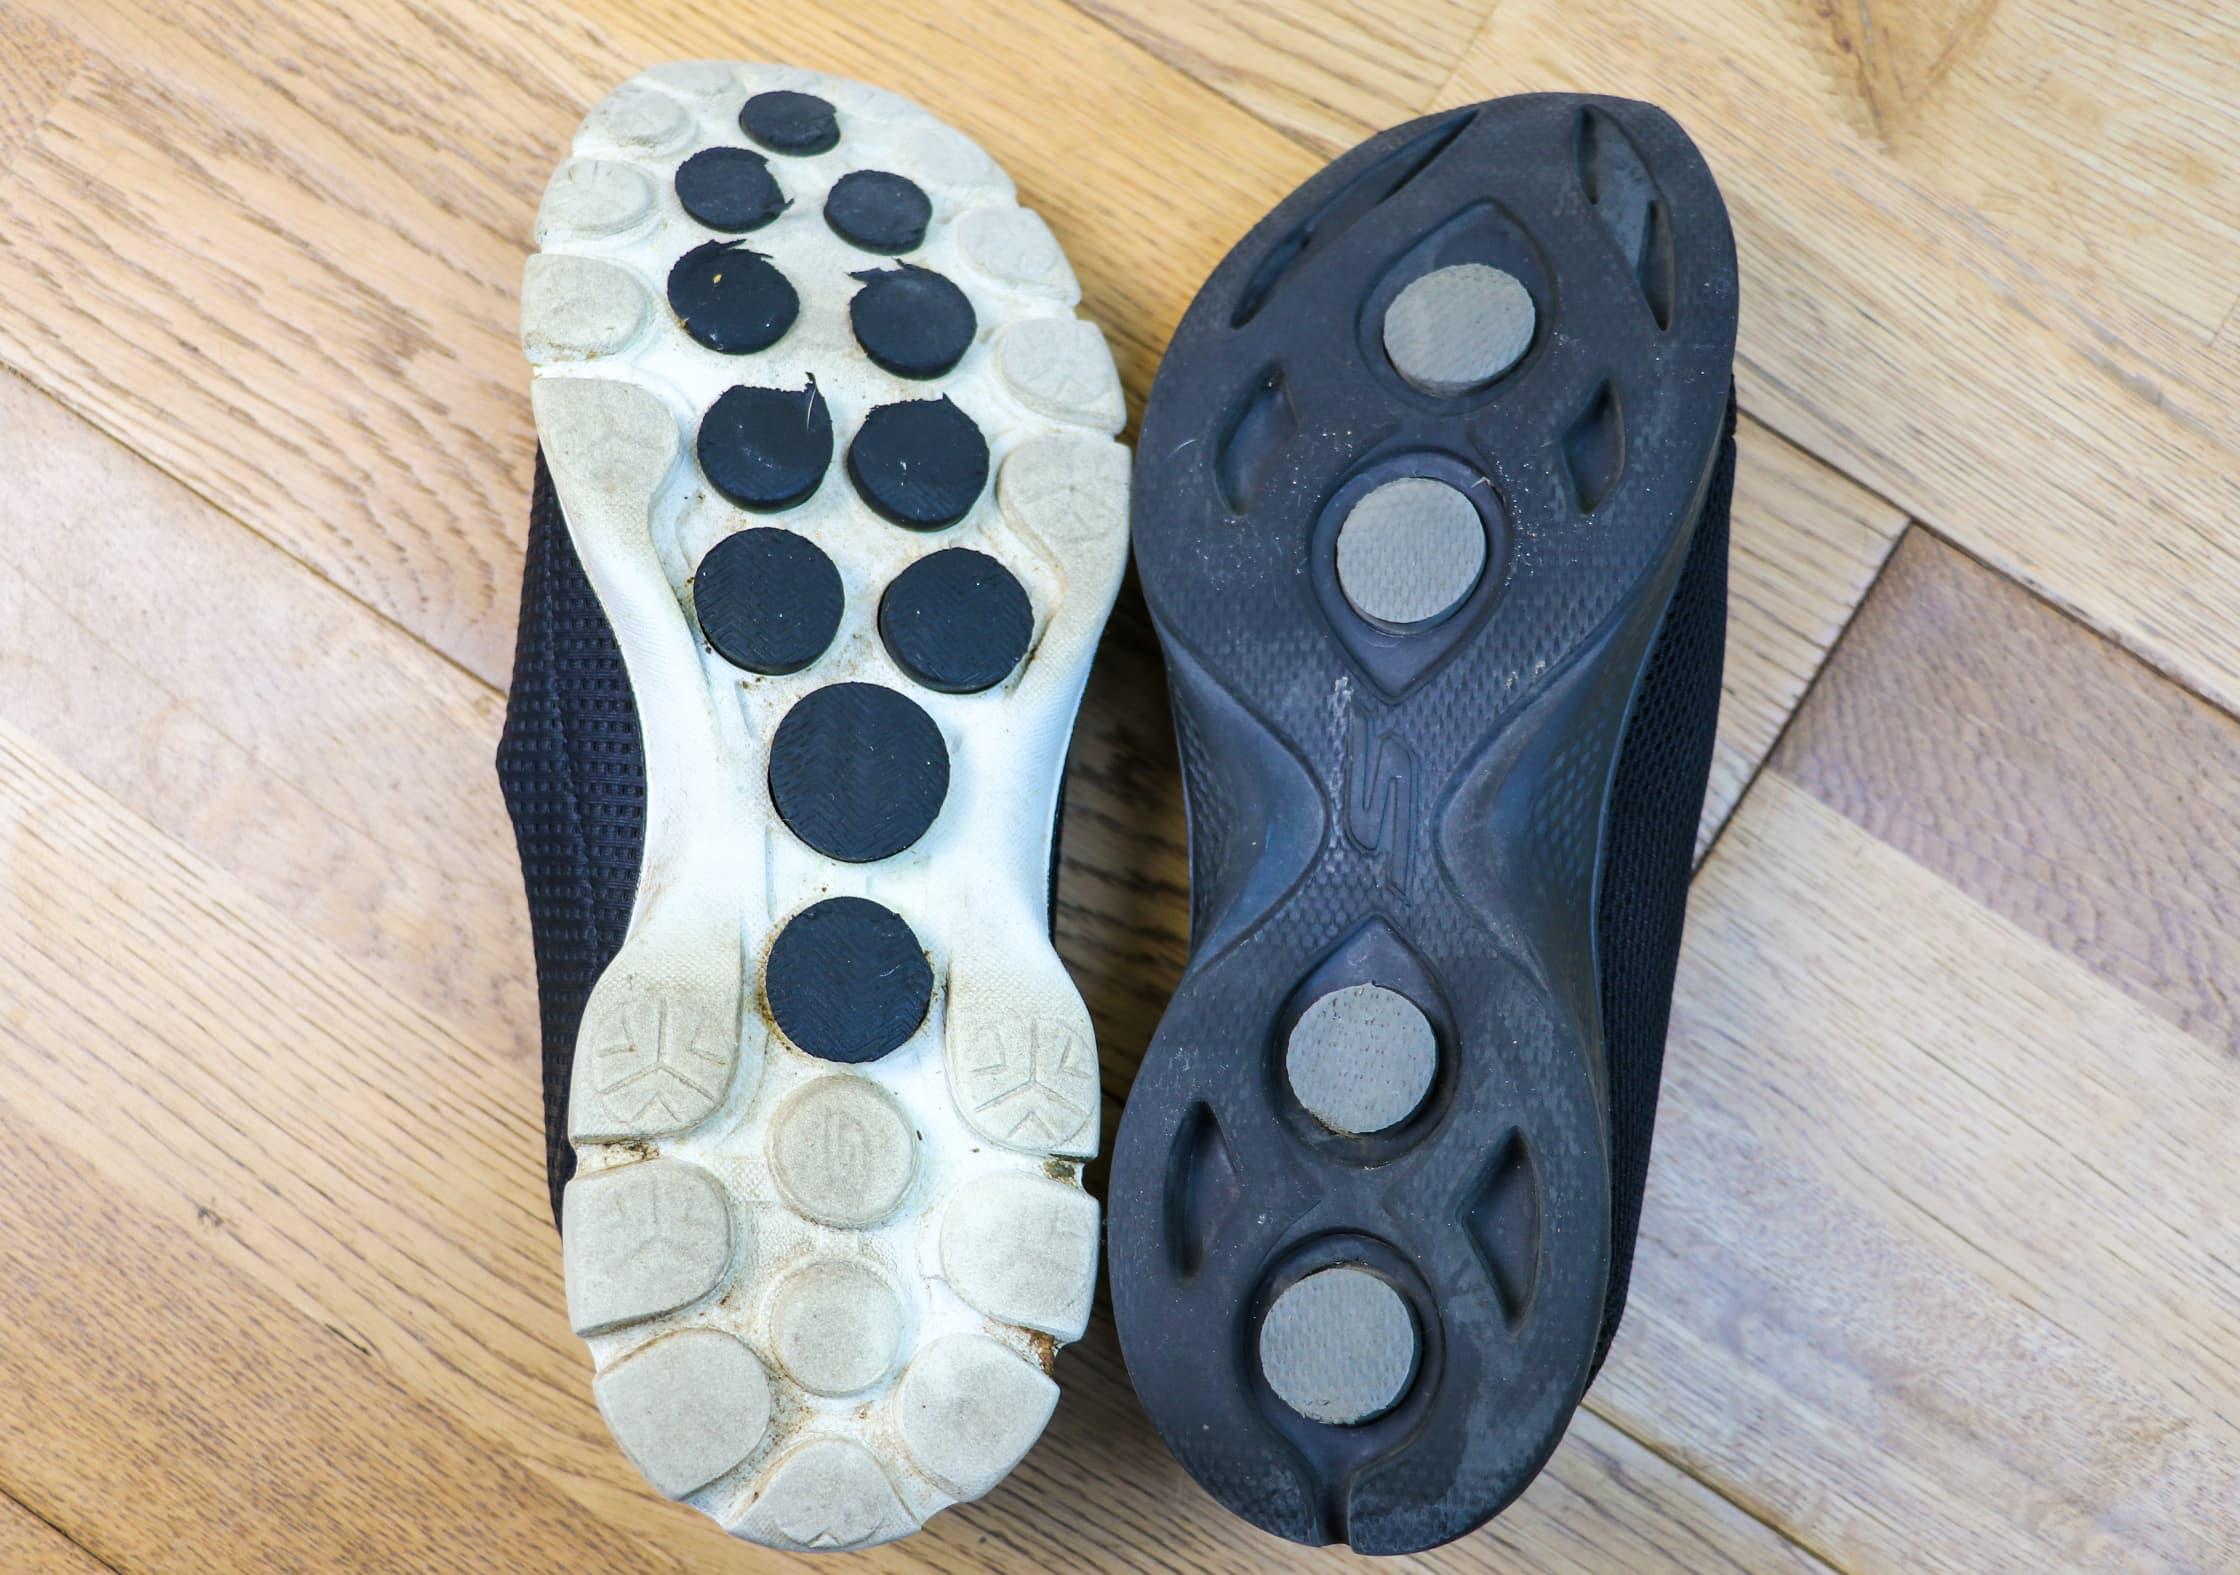 GOwalk Black Sole vs White Sole